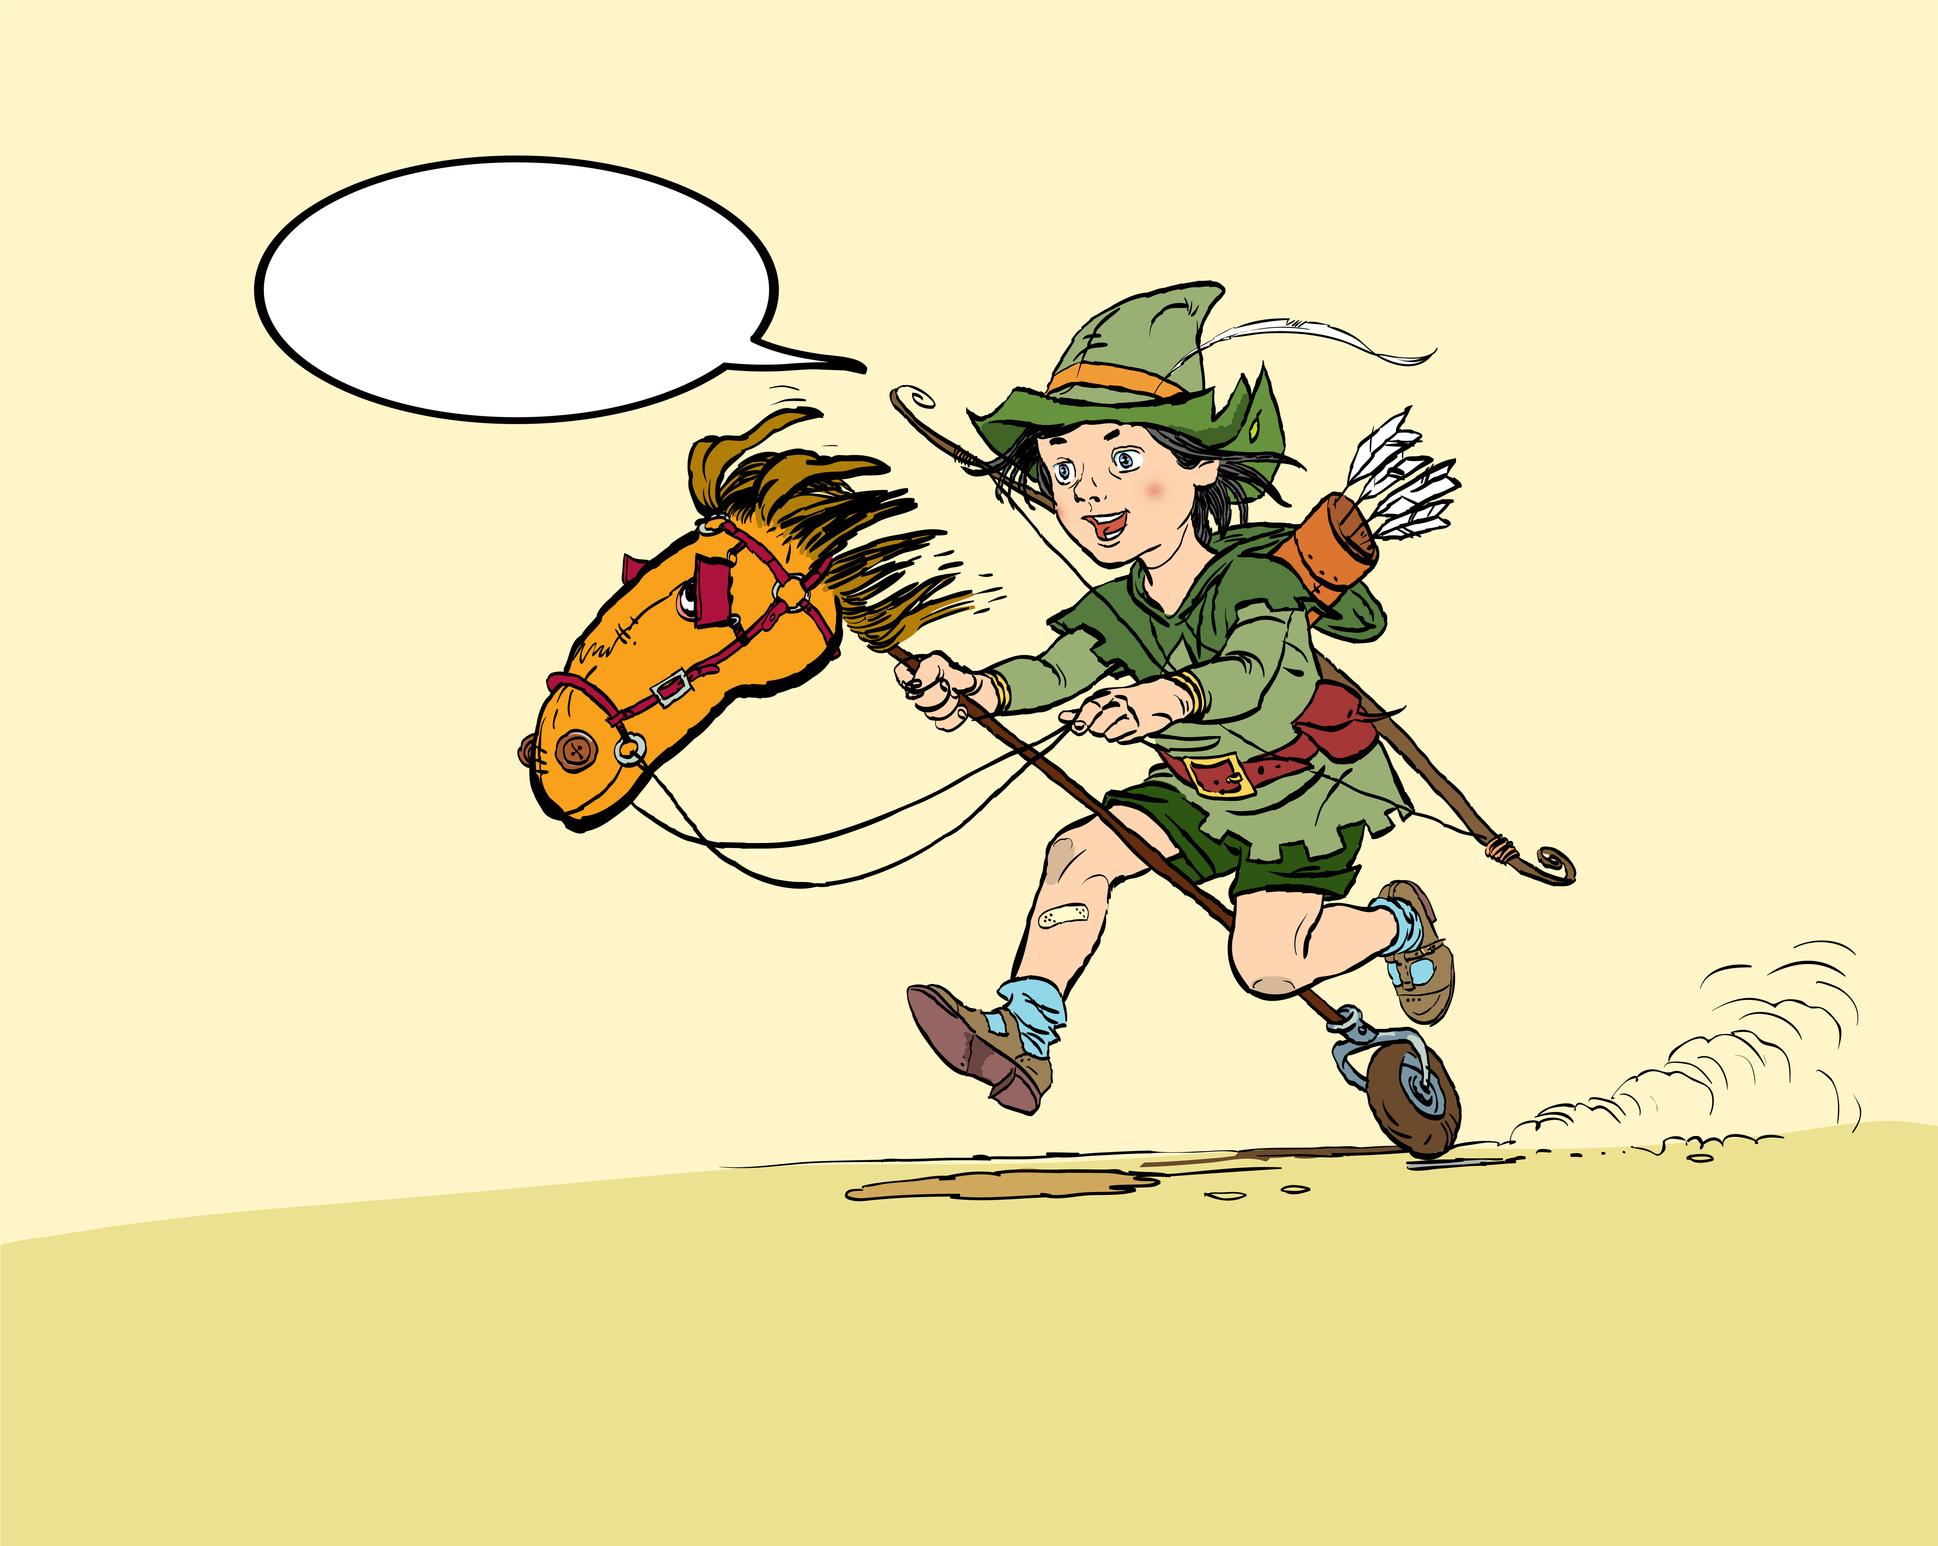 Robin Hood adalah salah satu cerita legenda dalam bahasa Inggris yang populer - Edu2Review